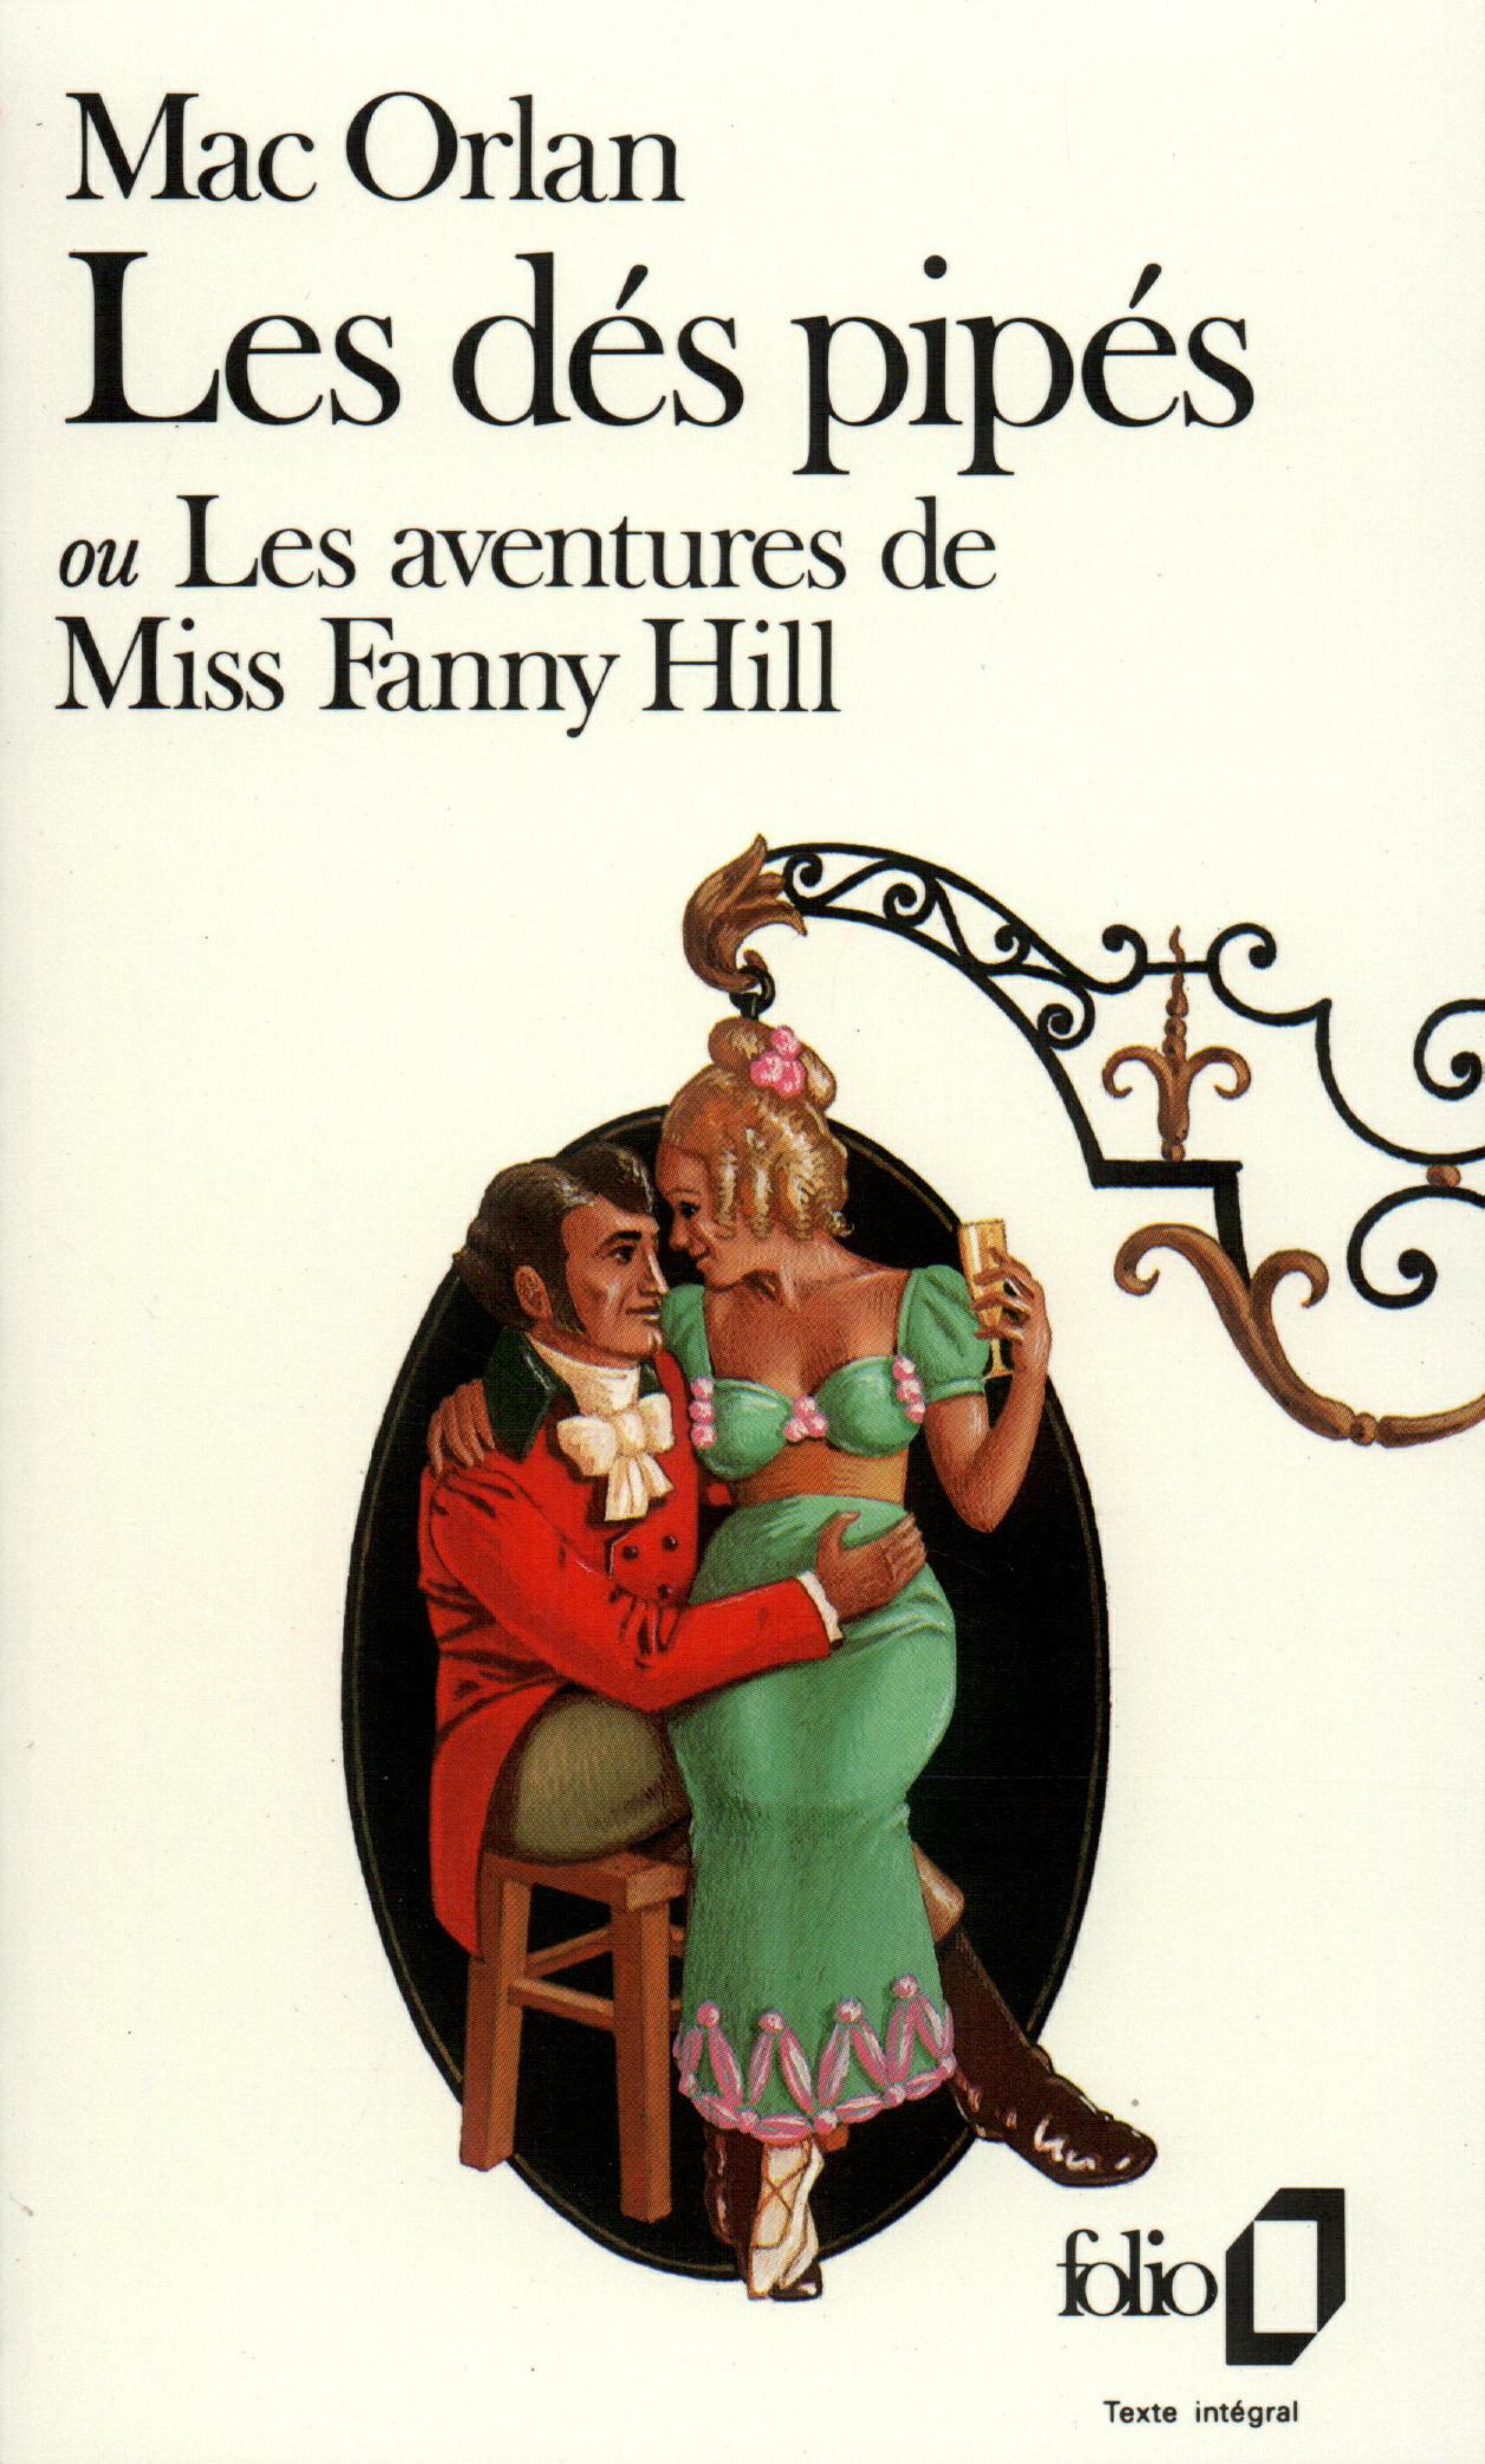 Les dés pipés ou Les aventures de Miss Fanny Hill